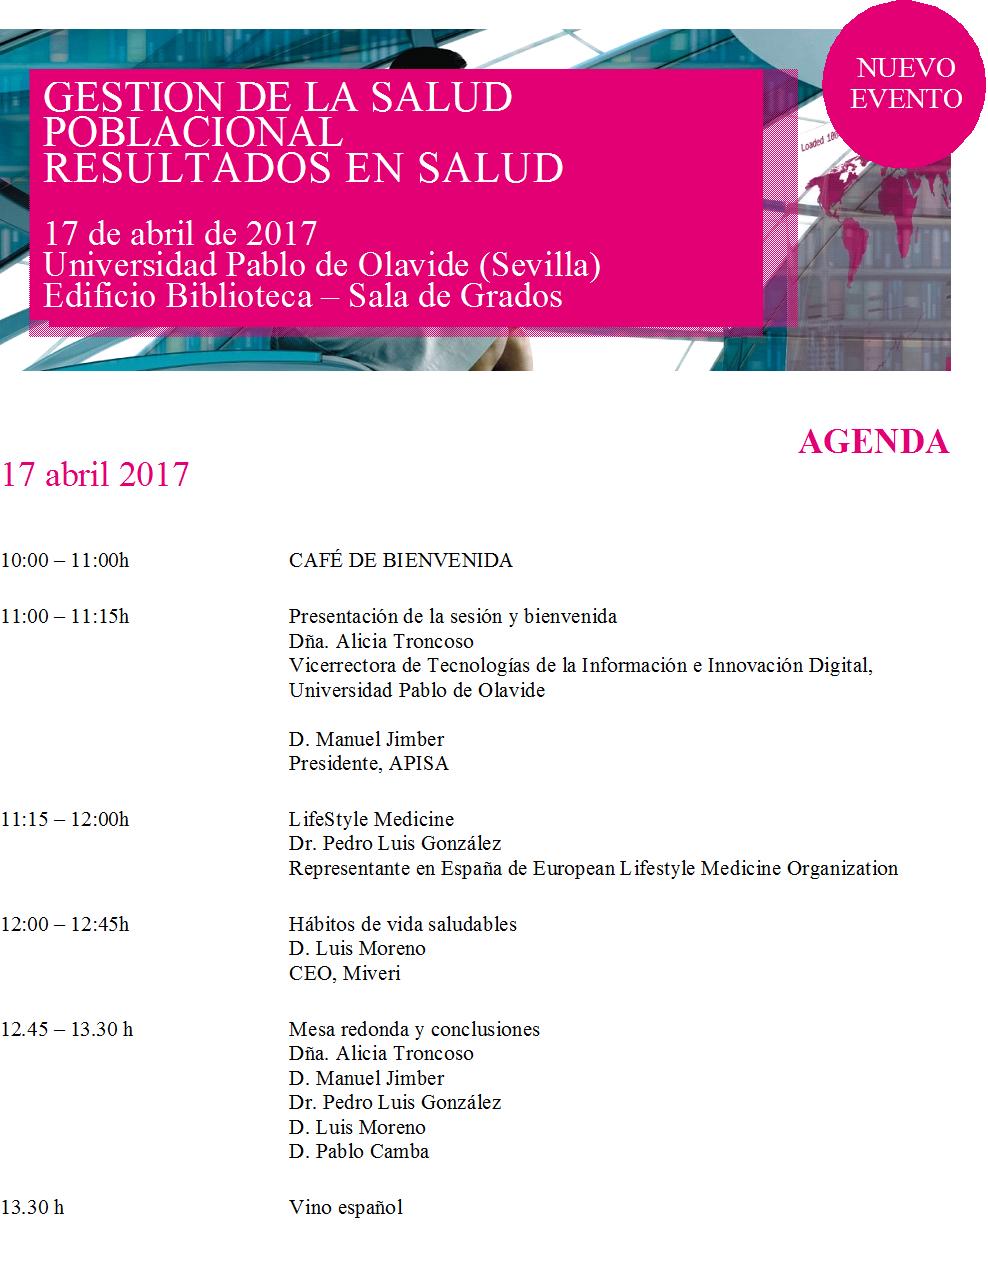 GESTIÓN DE LA SALUD POBLACIONAL RESULTADOS EN SALUD 17 de abril de 2017 Universidad Pablo de Olavide (Sevilla) Edificio Biblioteca – Sala de Grados